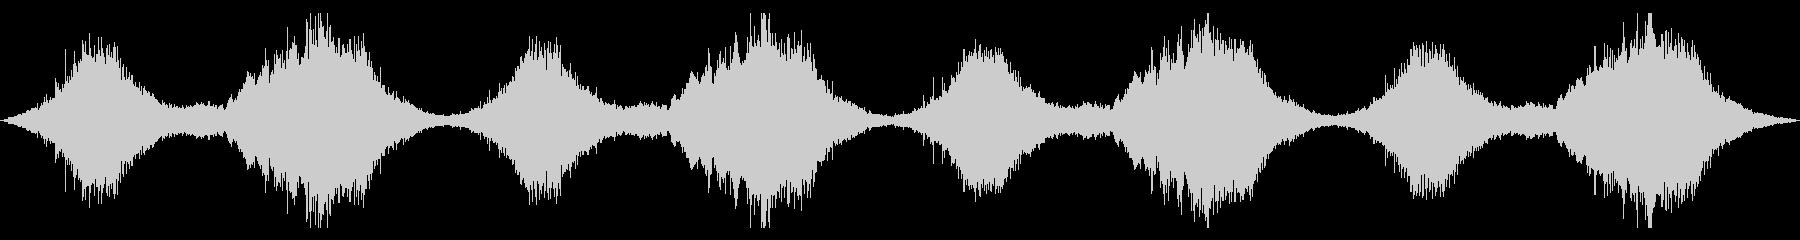 不協和音が不気味なBGMの未再生の波形